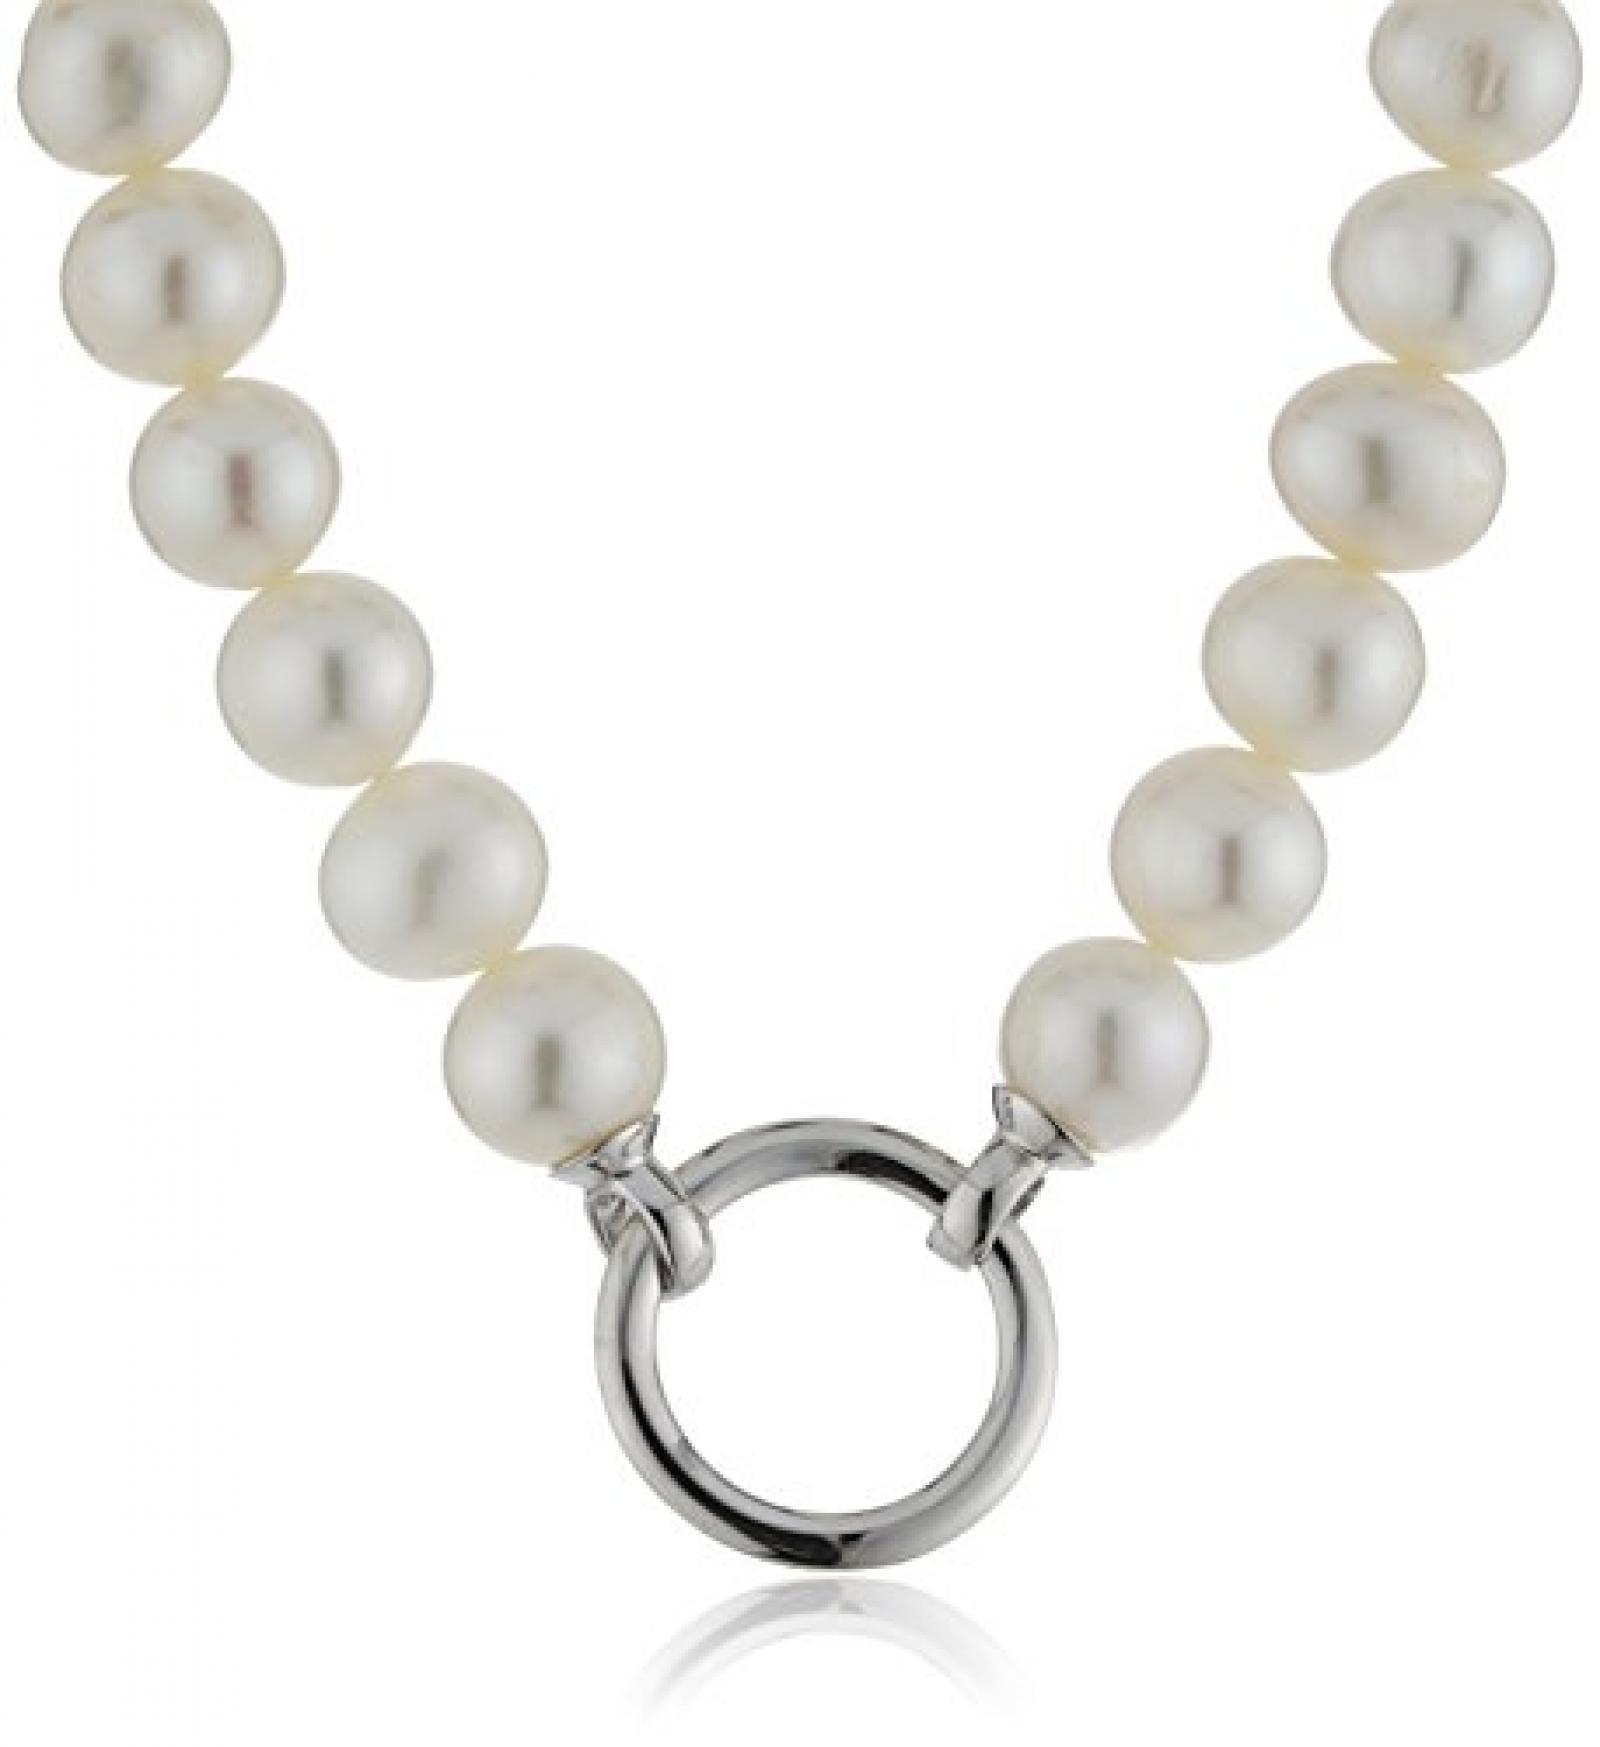 Celeste Damen-Collier 925/- Sterling Silber, 45cm, Süßwasserzuchtperlen weiß,360250136